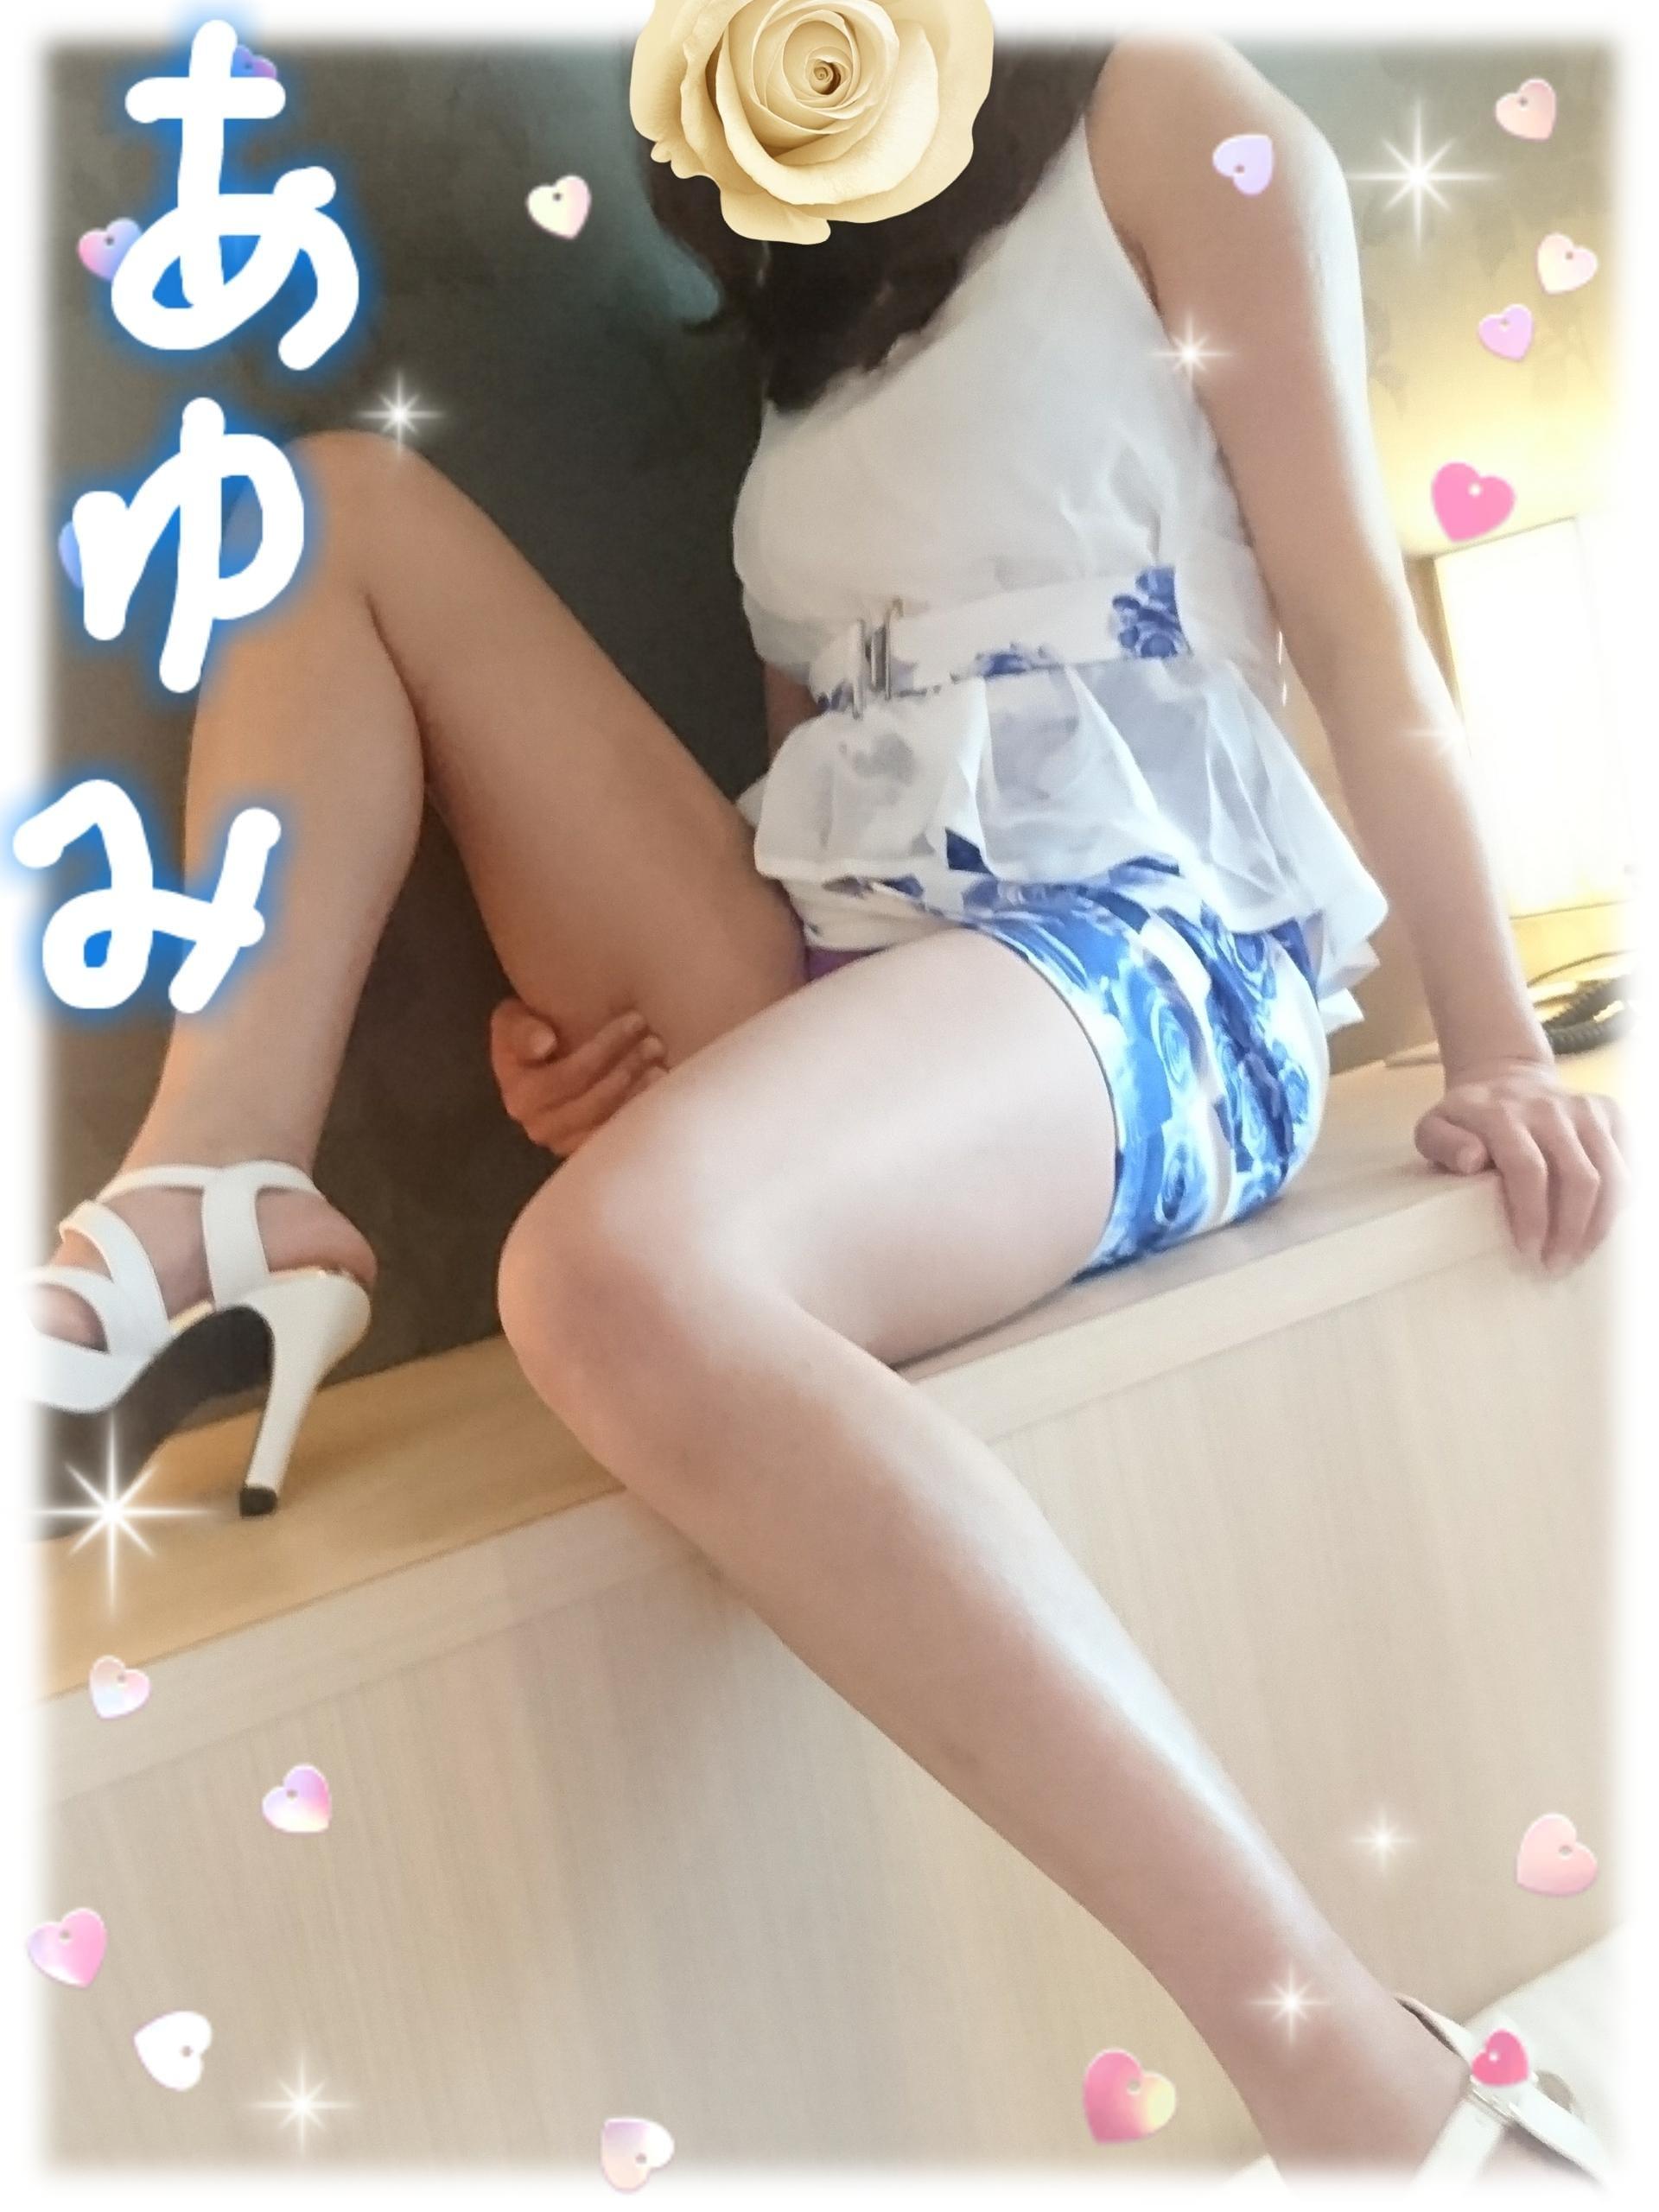 「☆こんにちは〜(^-^)/☆」09/16(日) 15:53 | あゆみの写メ・風俗動画